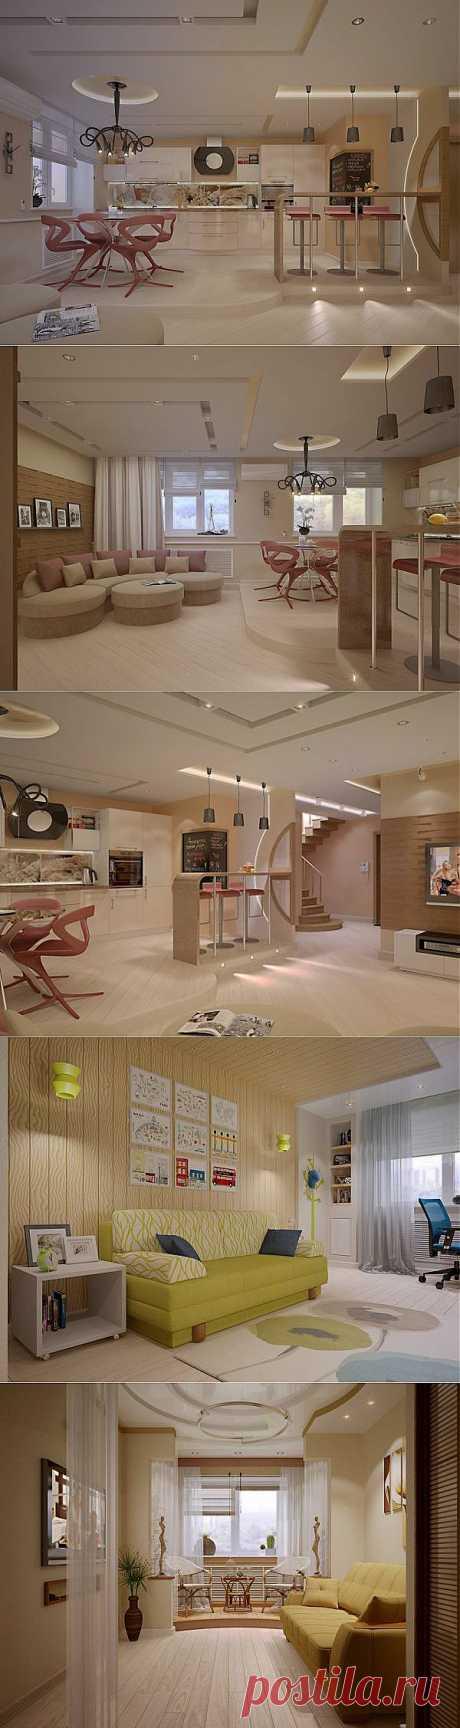 Дизайн двухуровневой квартиры 180 кв.м. | Наш уютный дом